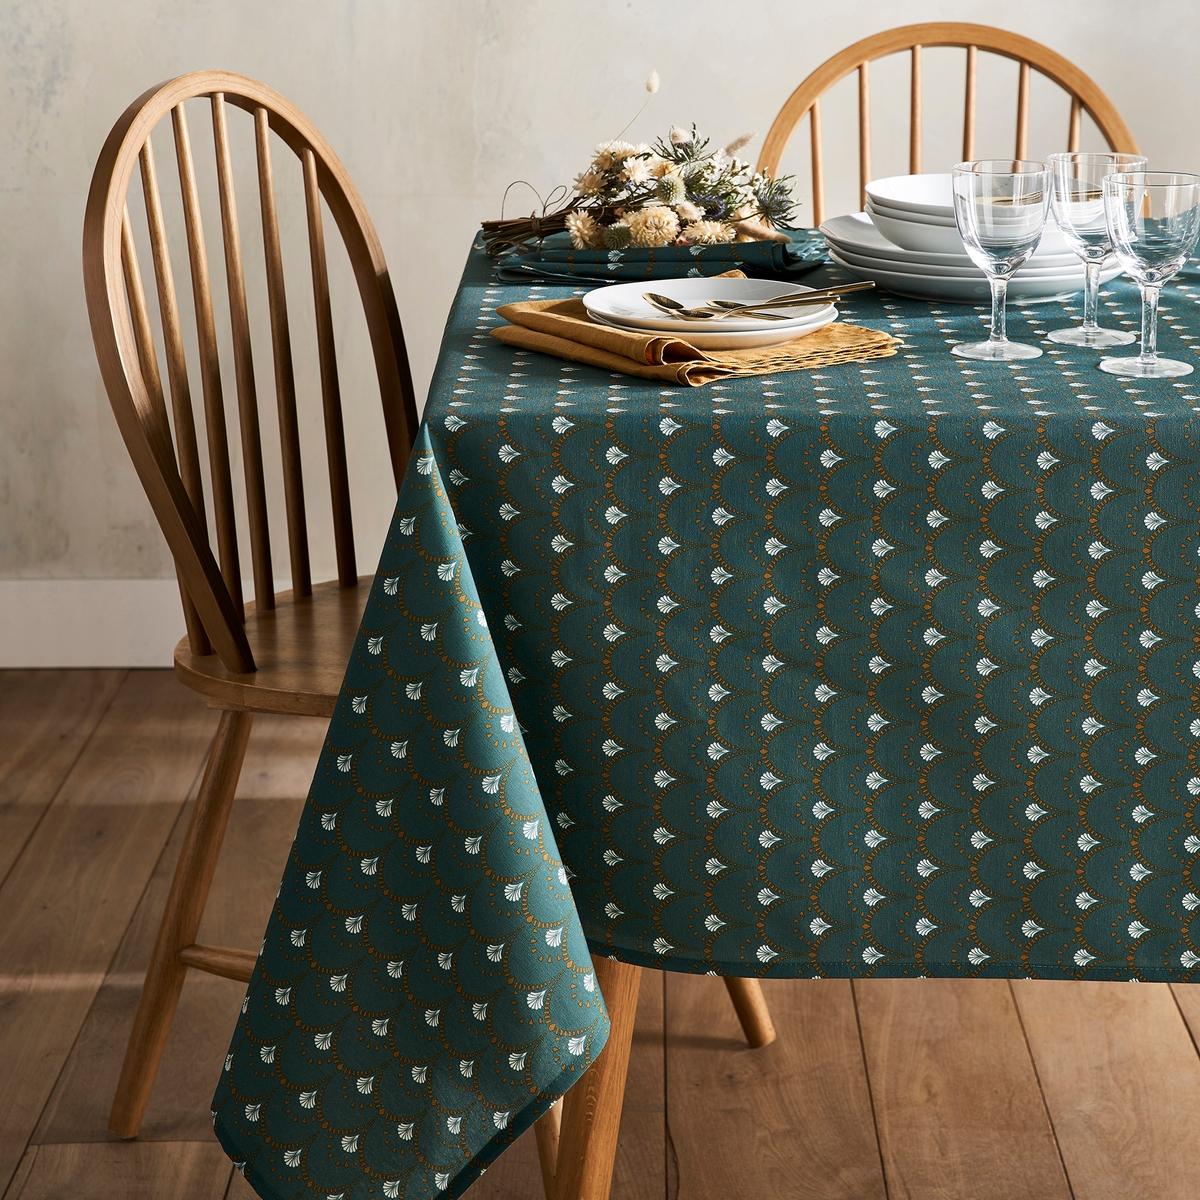 Скатерть La Redoute Mina vert 150 x 150 см зеленый скатерть boyscout прямоугольная цвет зеленый оранжевый 110 x 150 см